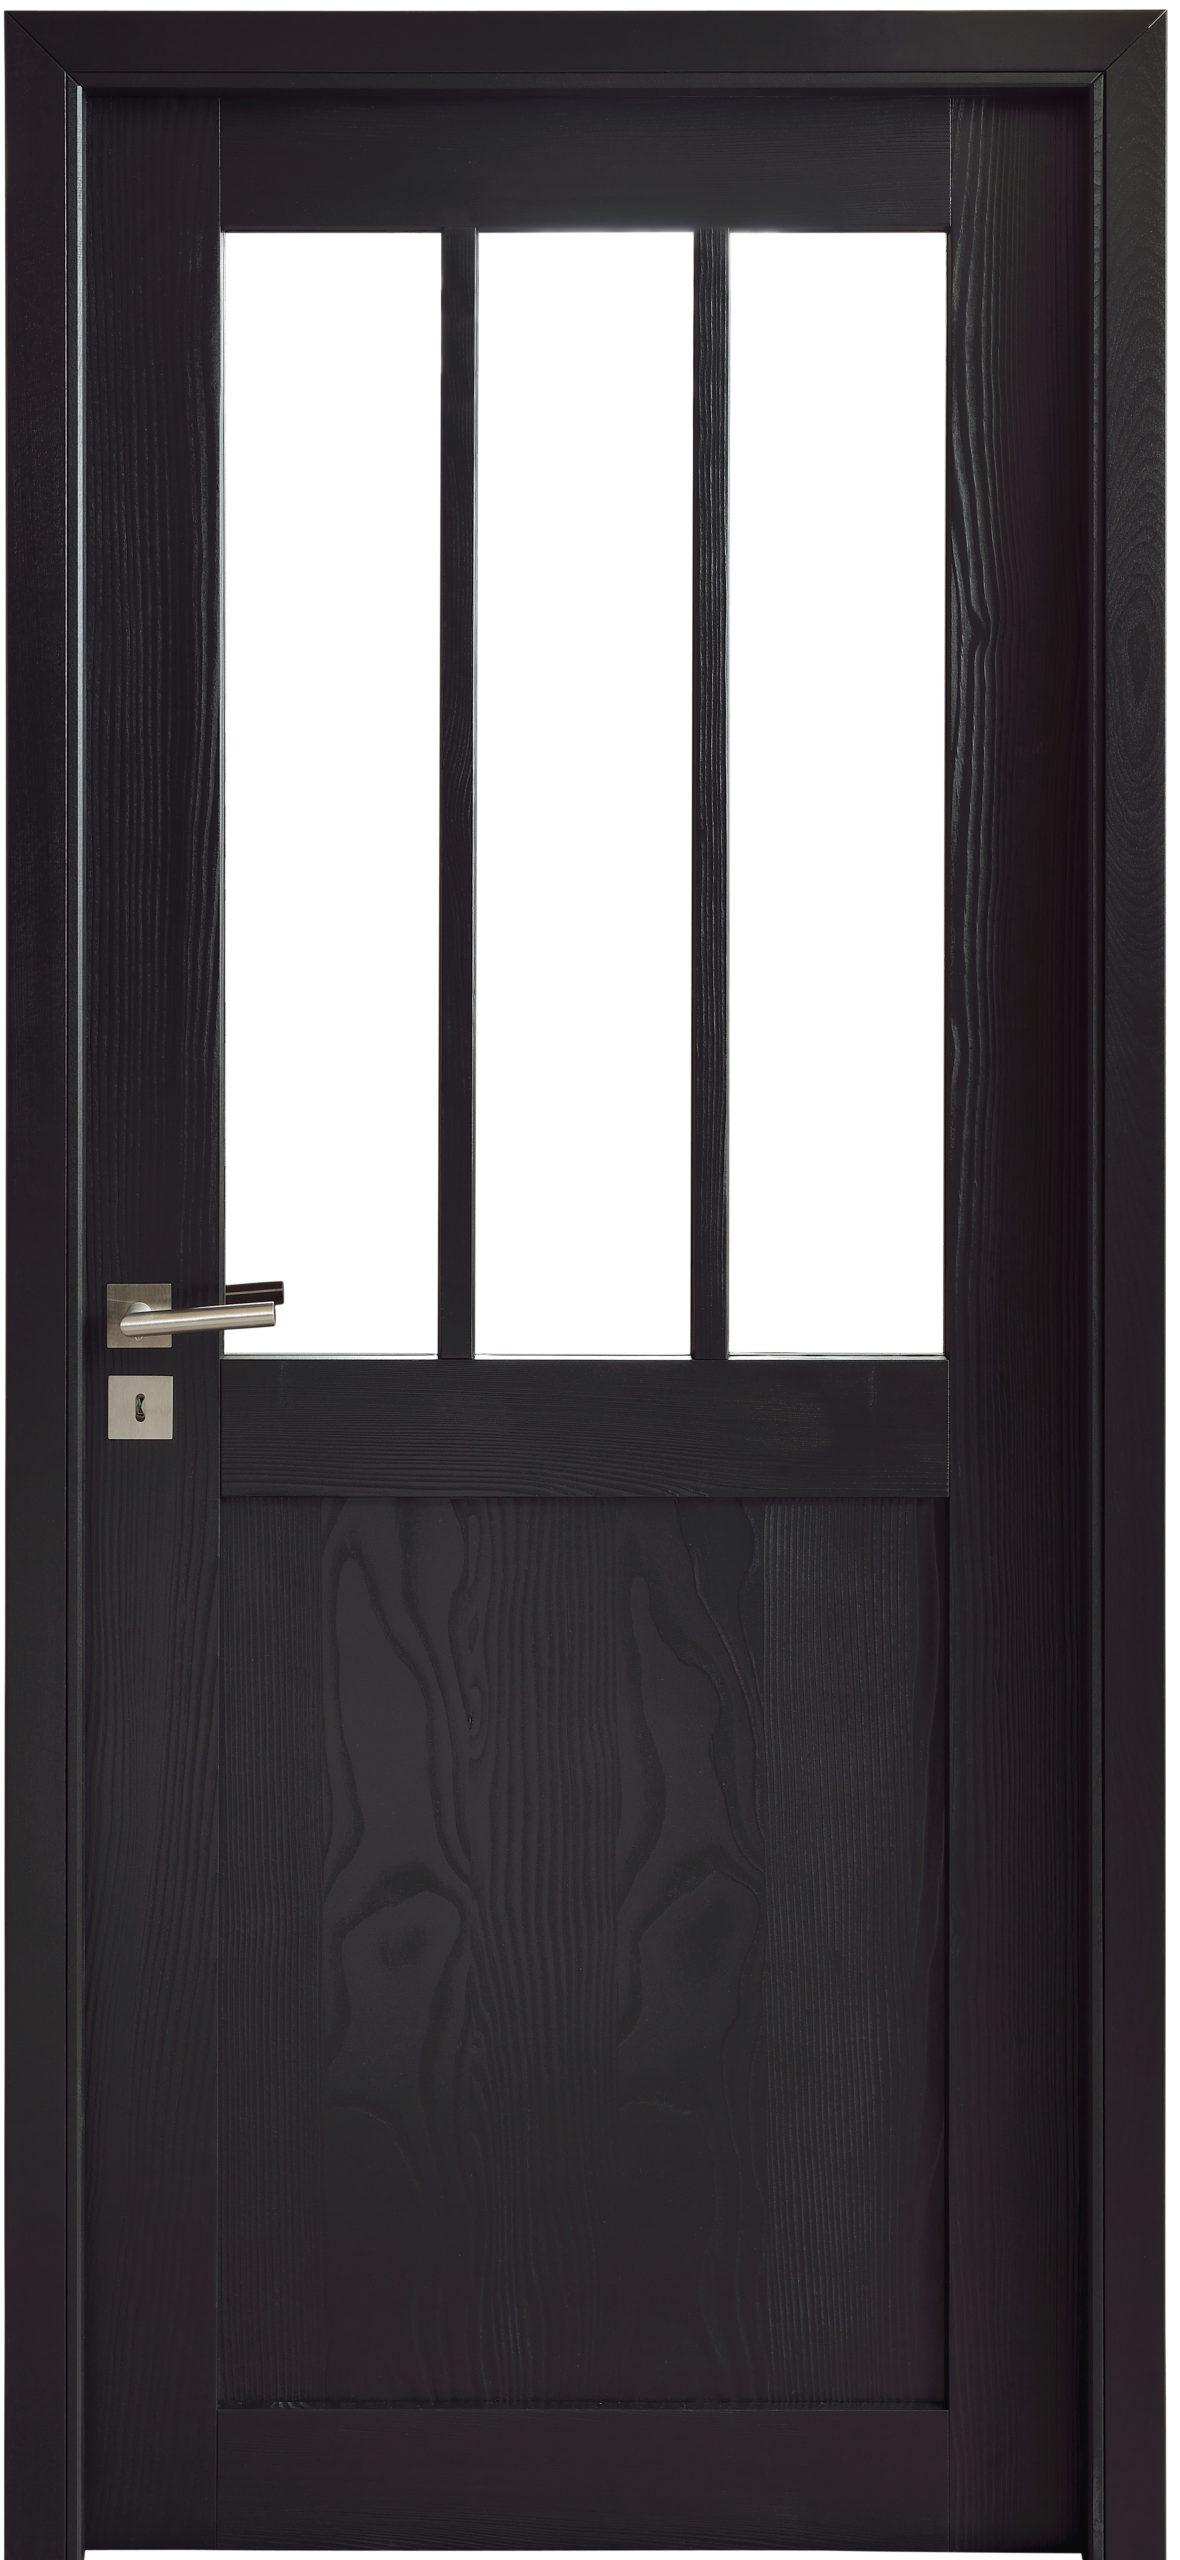 Porte d'intérieur en bois noir